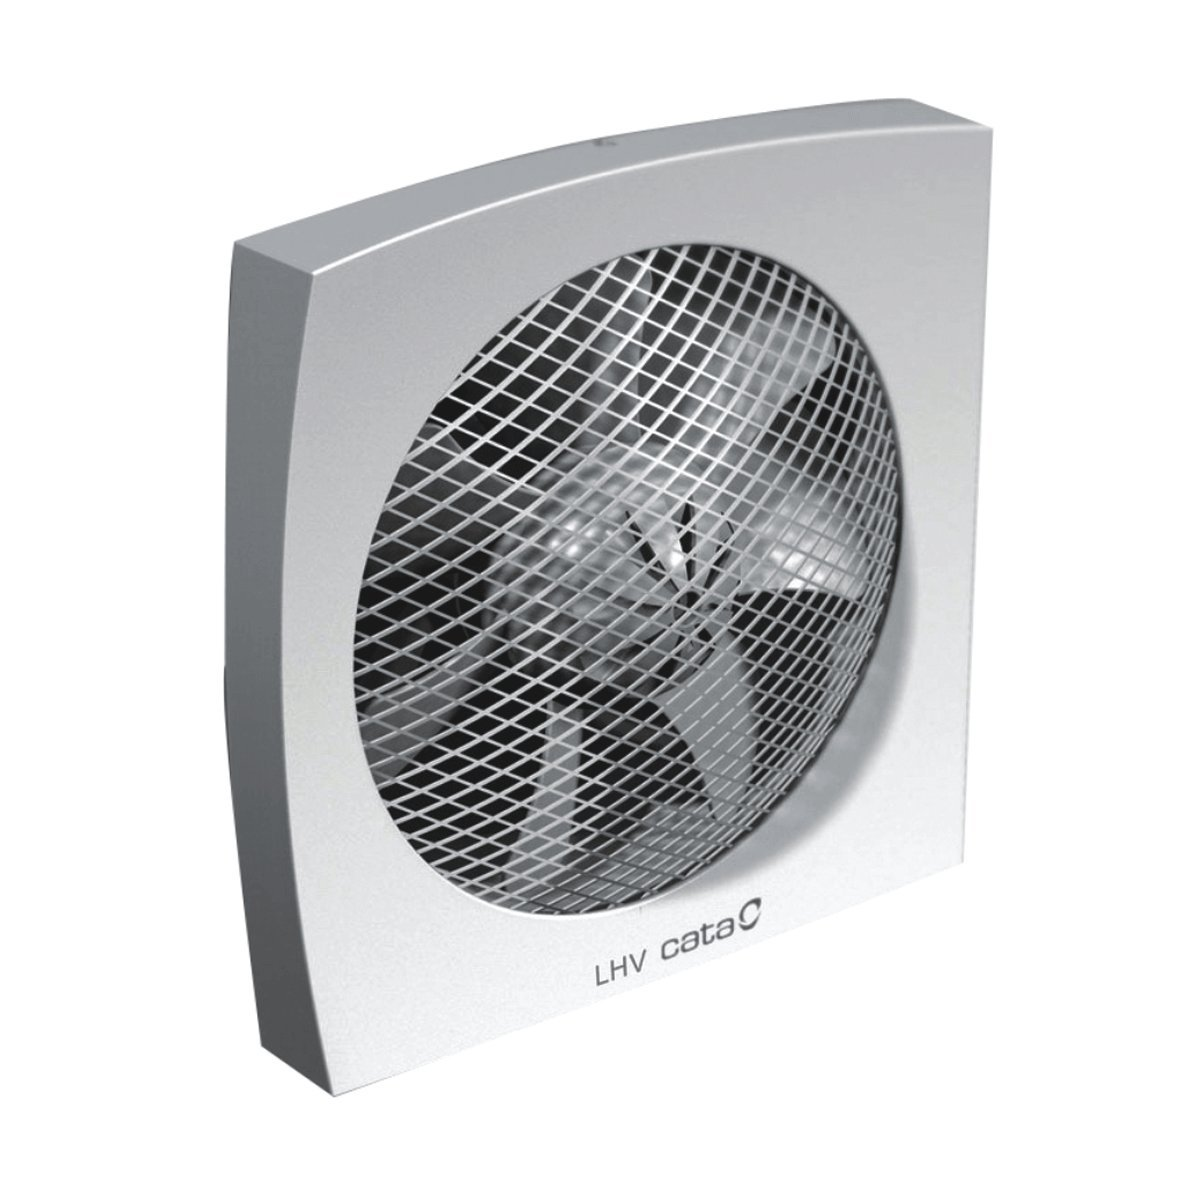 Exhaust Fan Size : Online kitchen exhaust fan besto